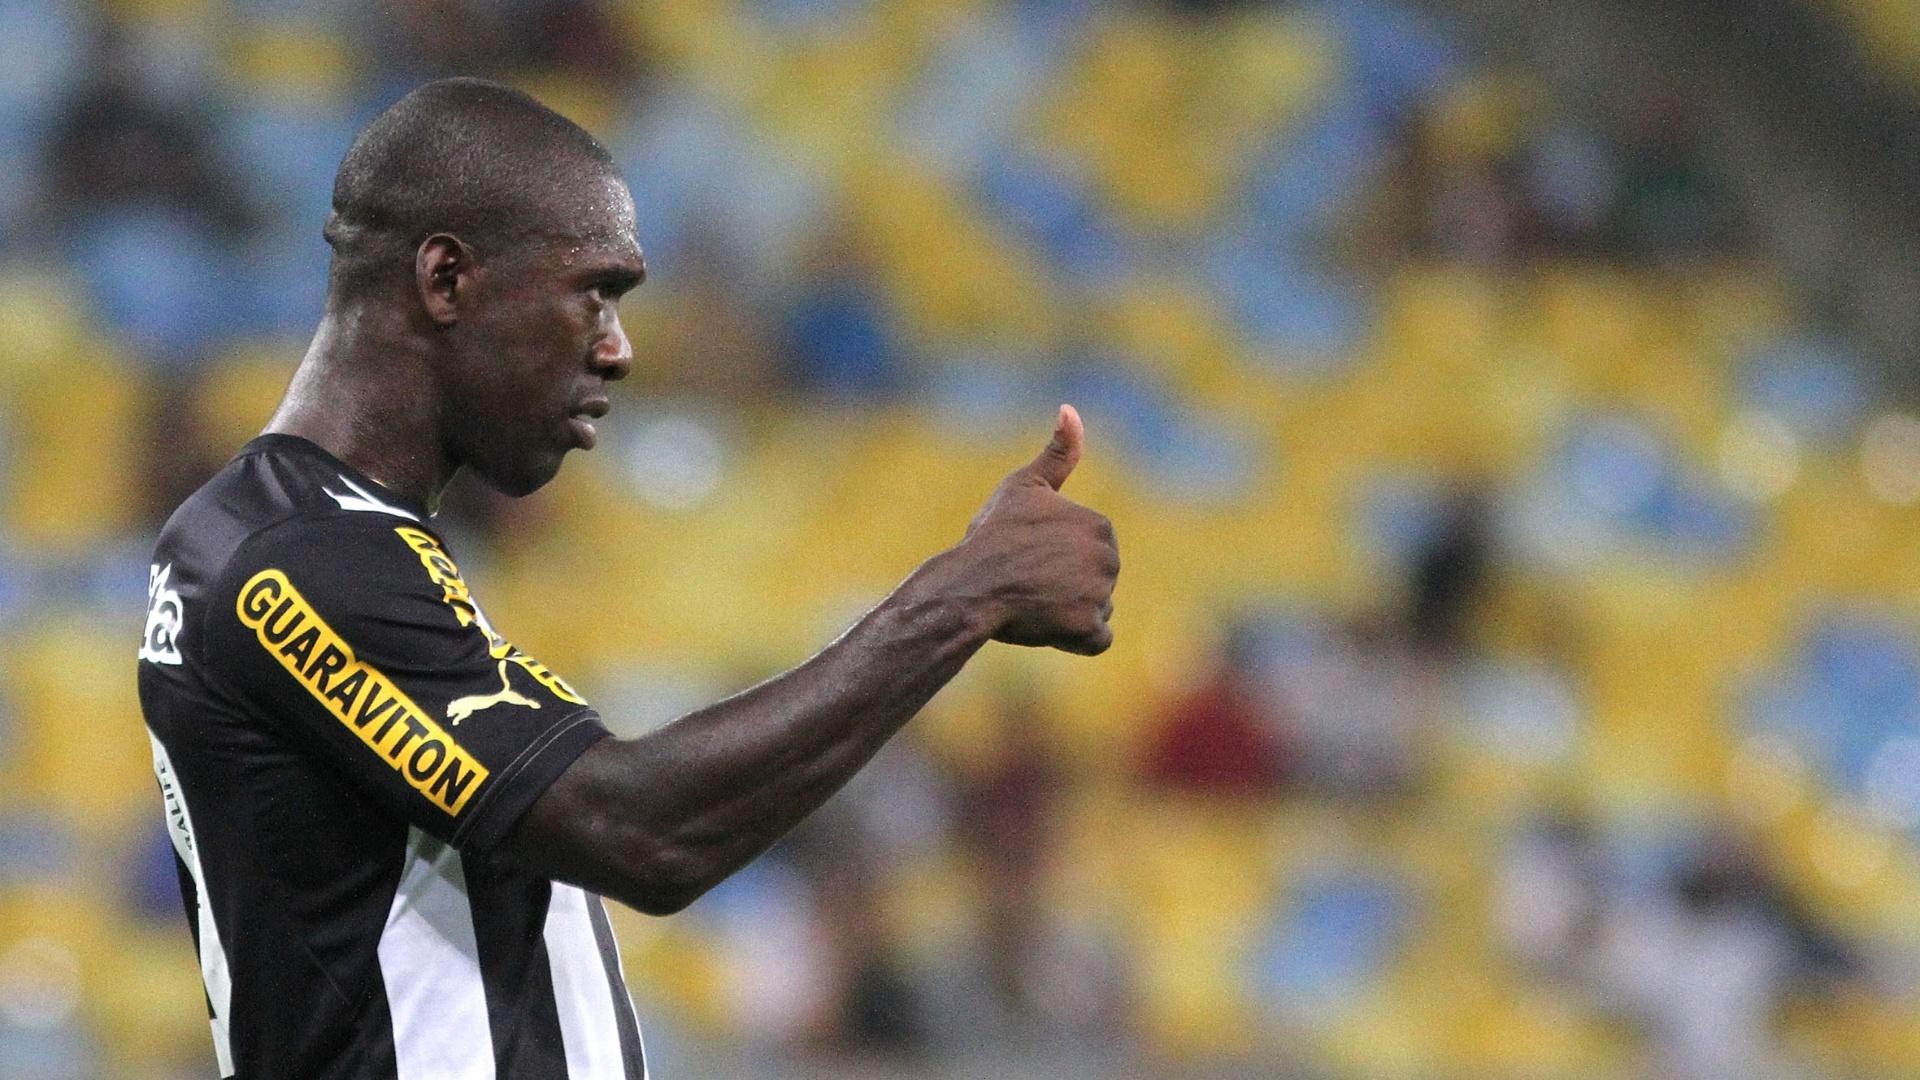 01.08.2013 - Seedorf faz sinal de positivo. Meia deu duas assistências durante partida do Botafogo